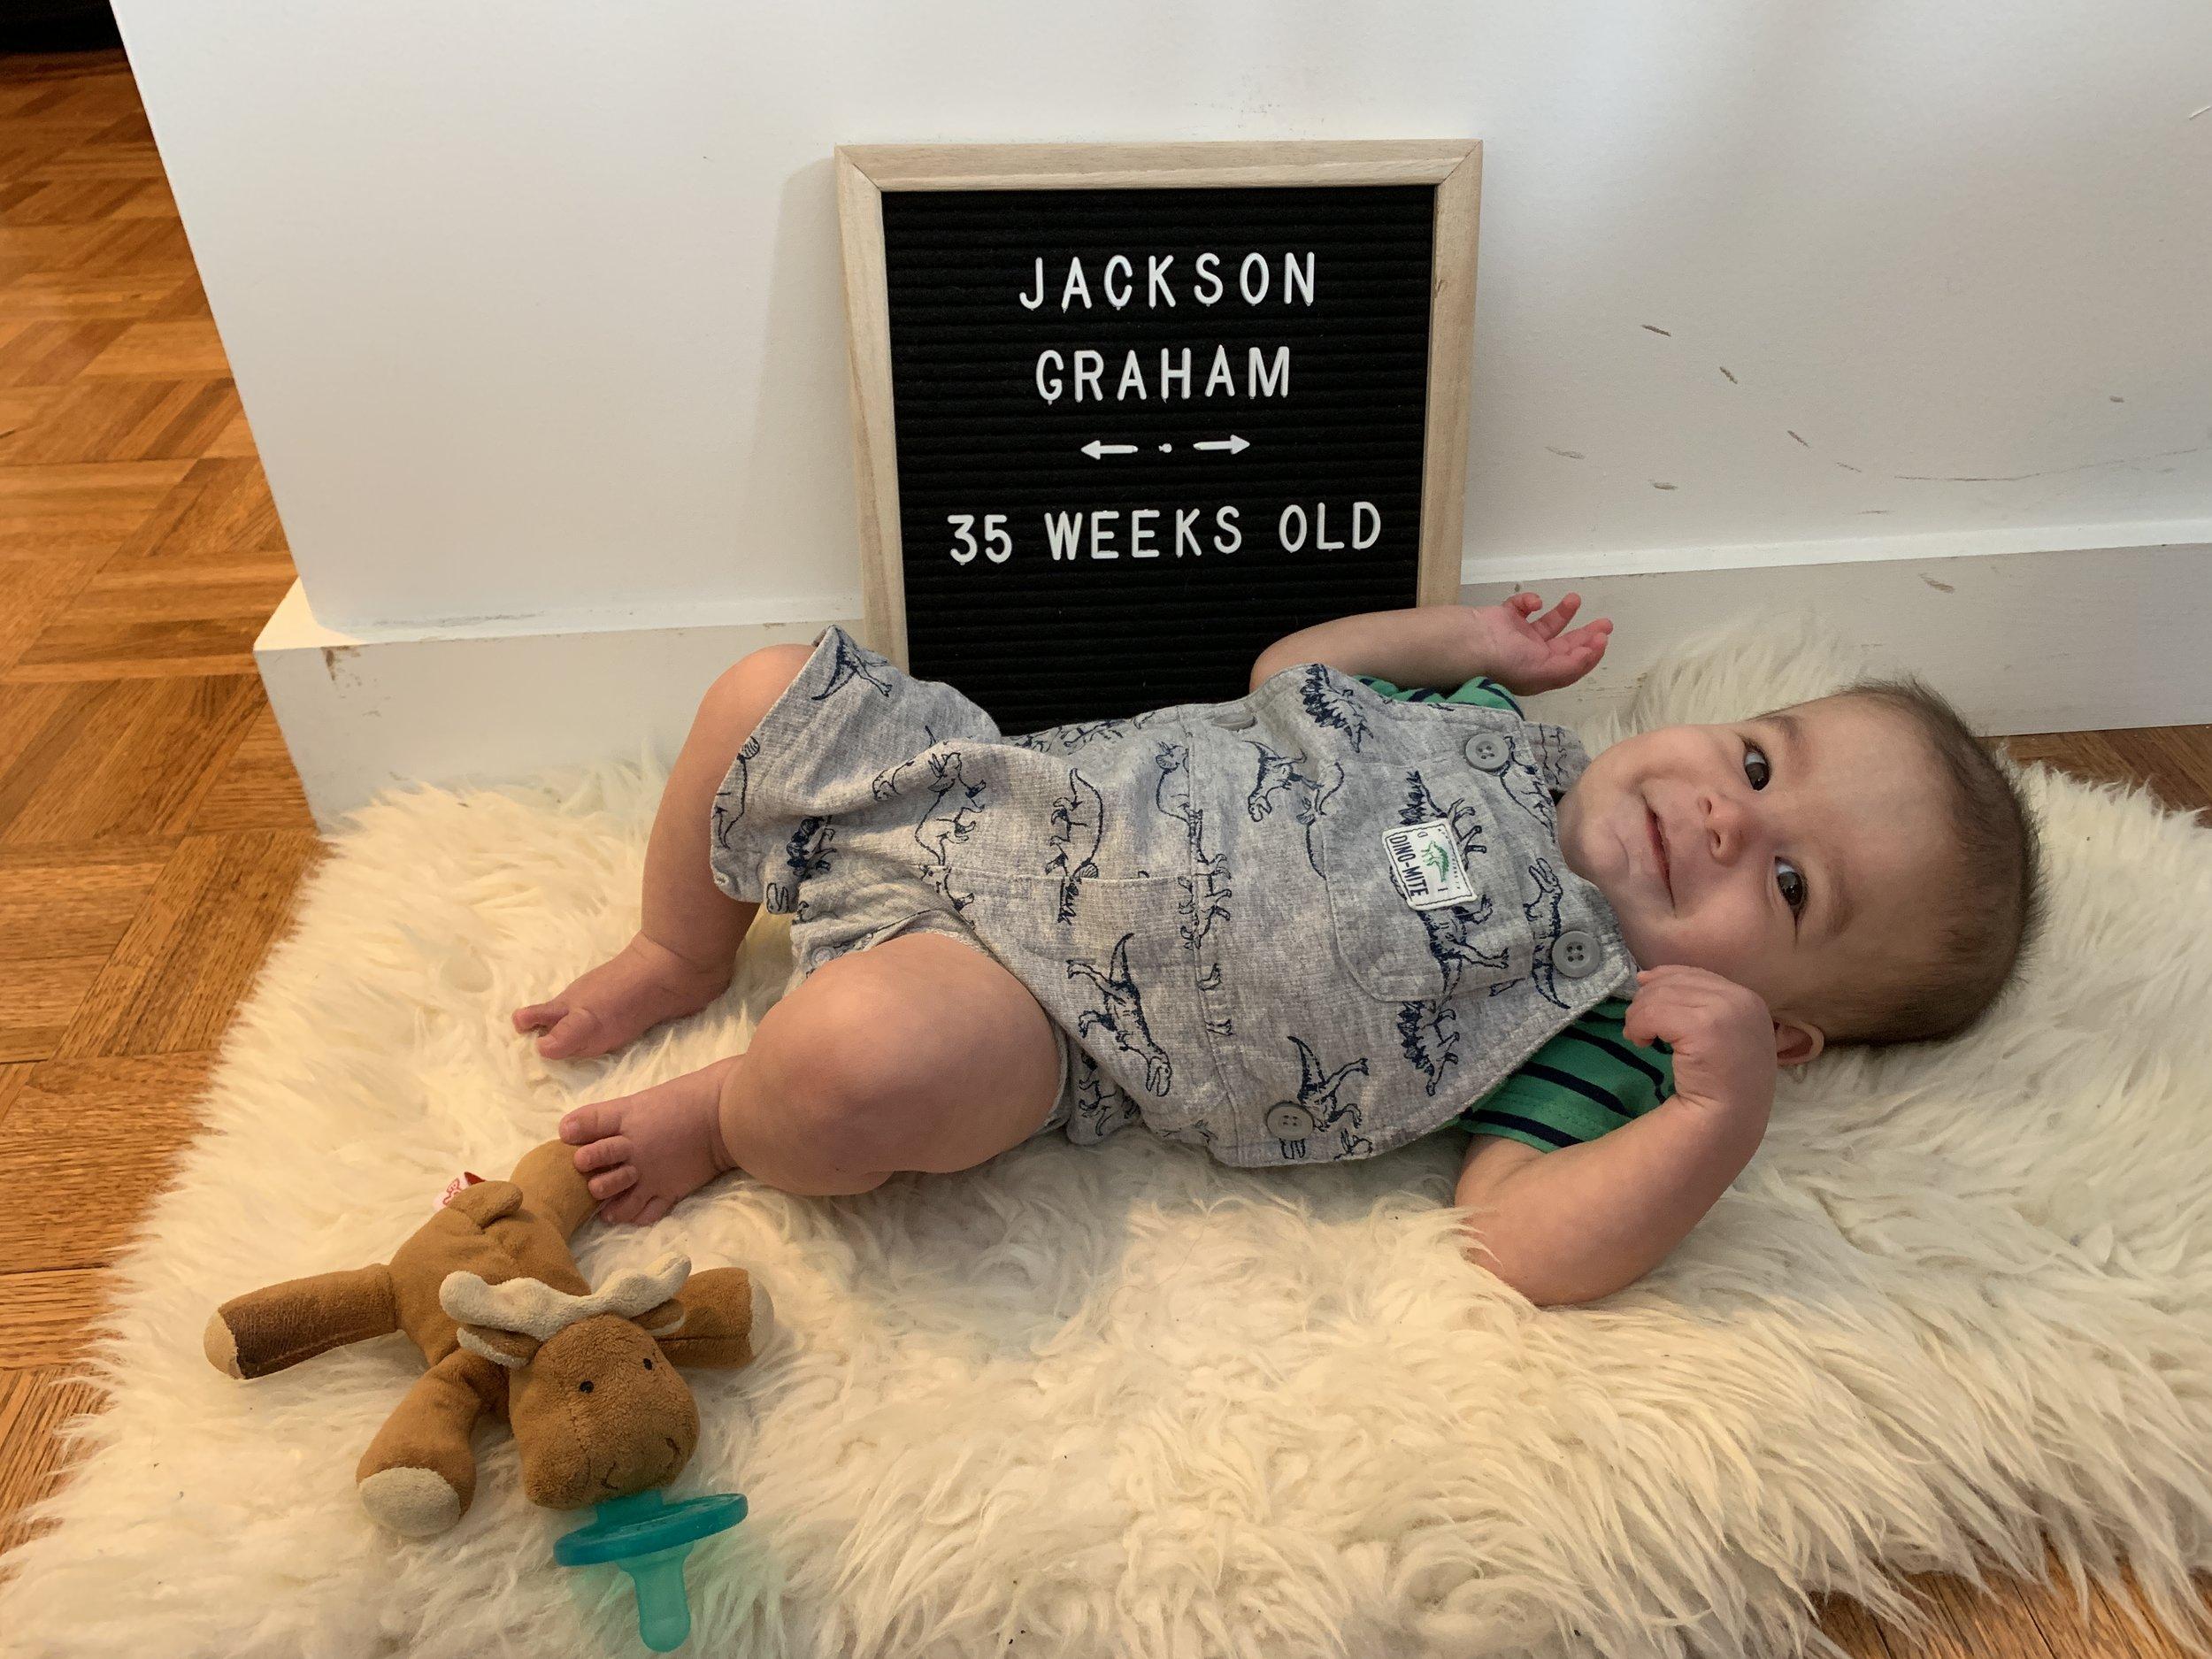 35 weeks old